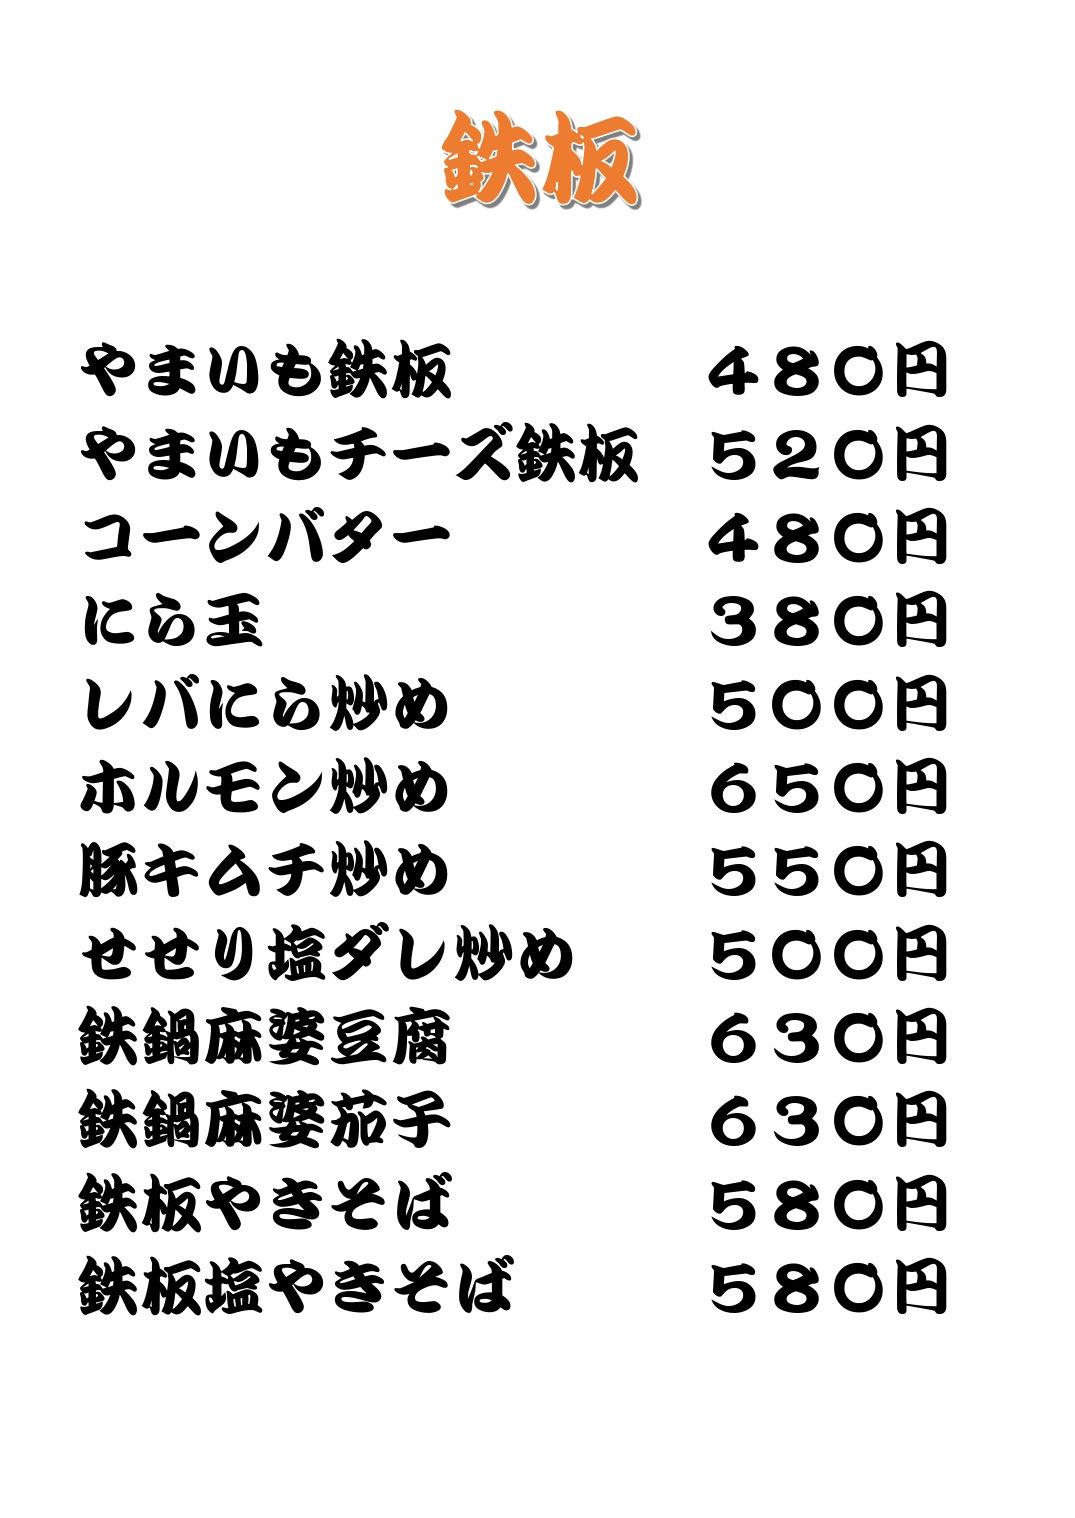 鉄板ものメニュー_page-0001.jpg